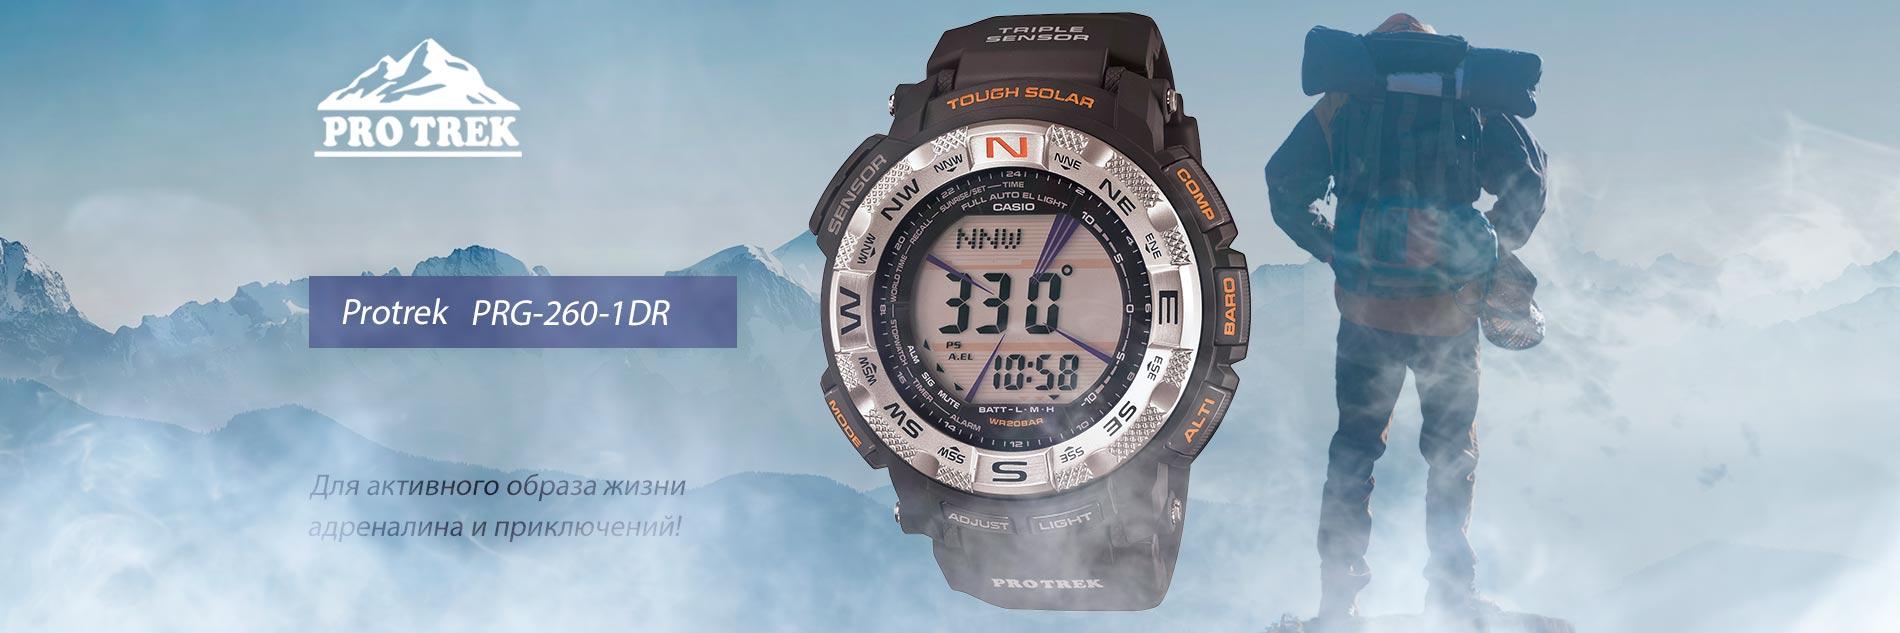 Часы Protrek PRG-260-1DR